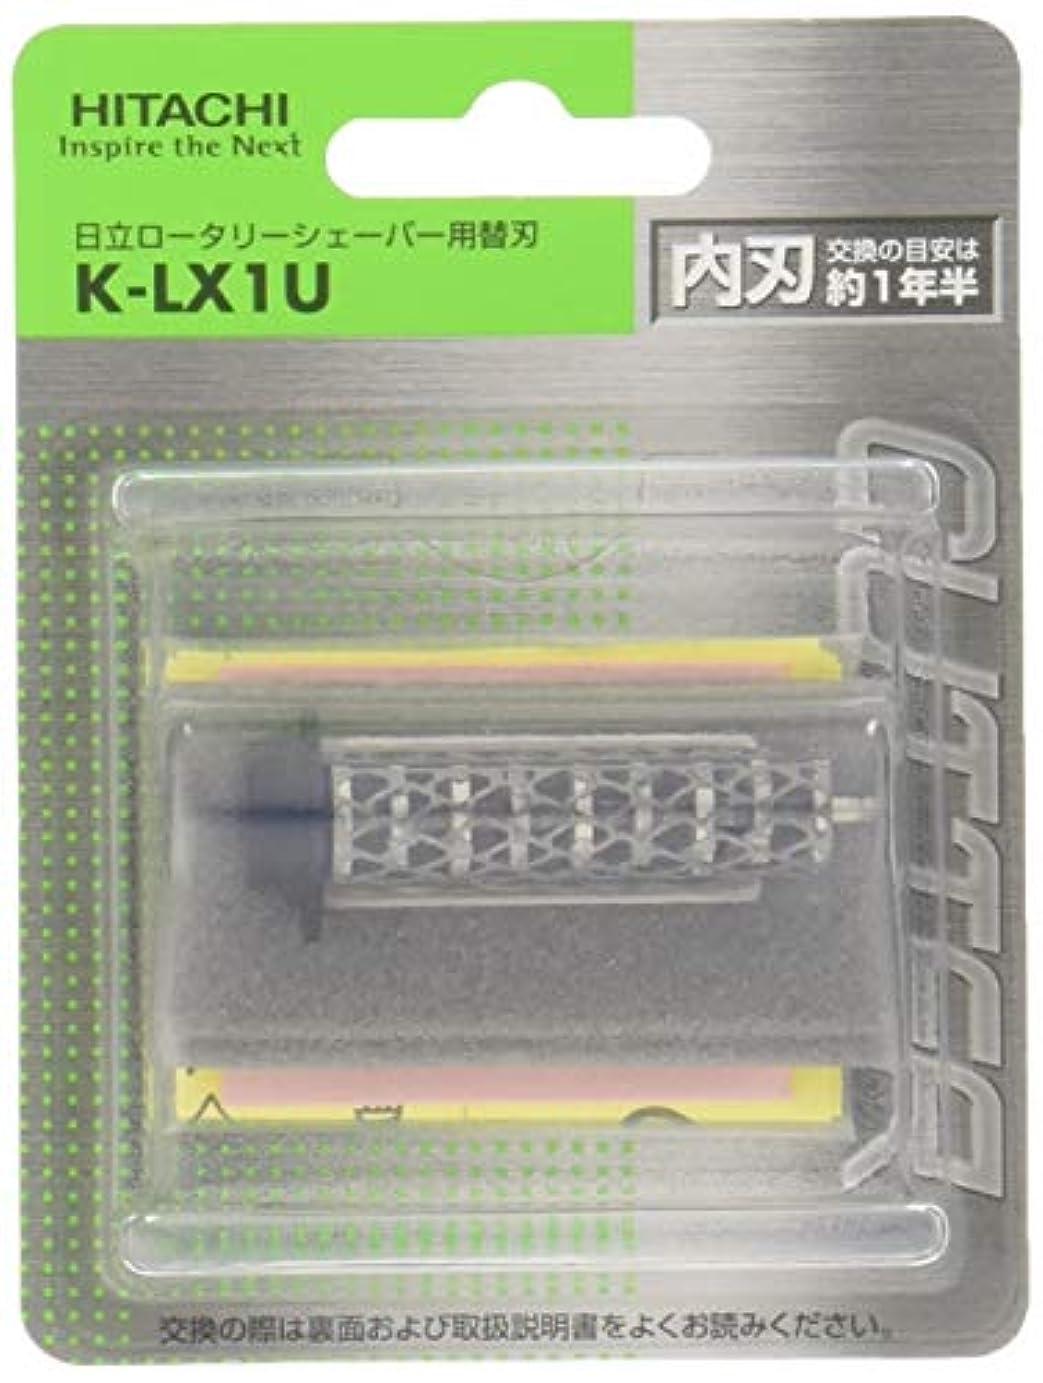 騒ぎ取り組むジョガー日立 シェーバー用替刃(内刃) K-LX1U